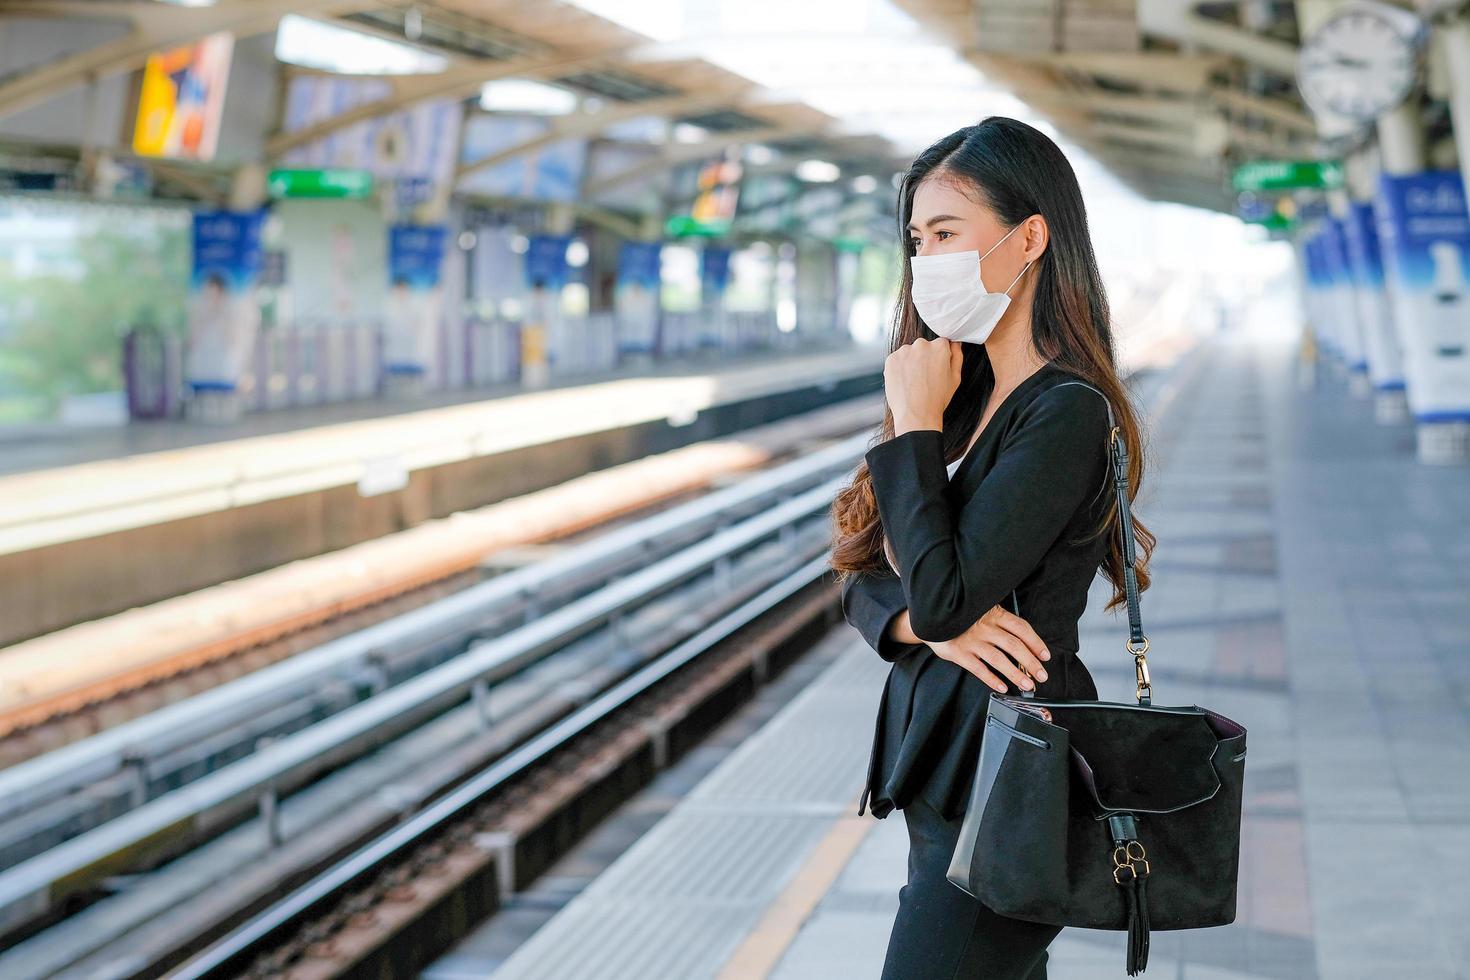 junge Frau wartet auf Zug foto